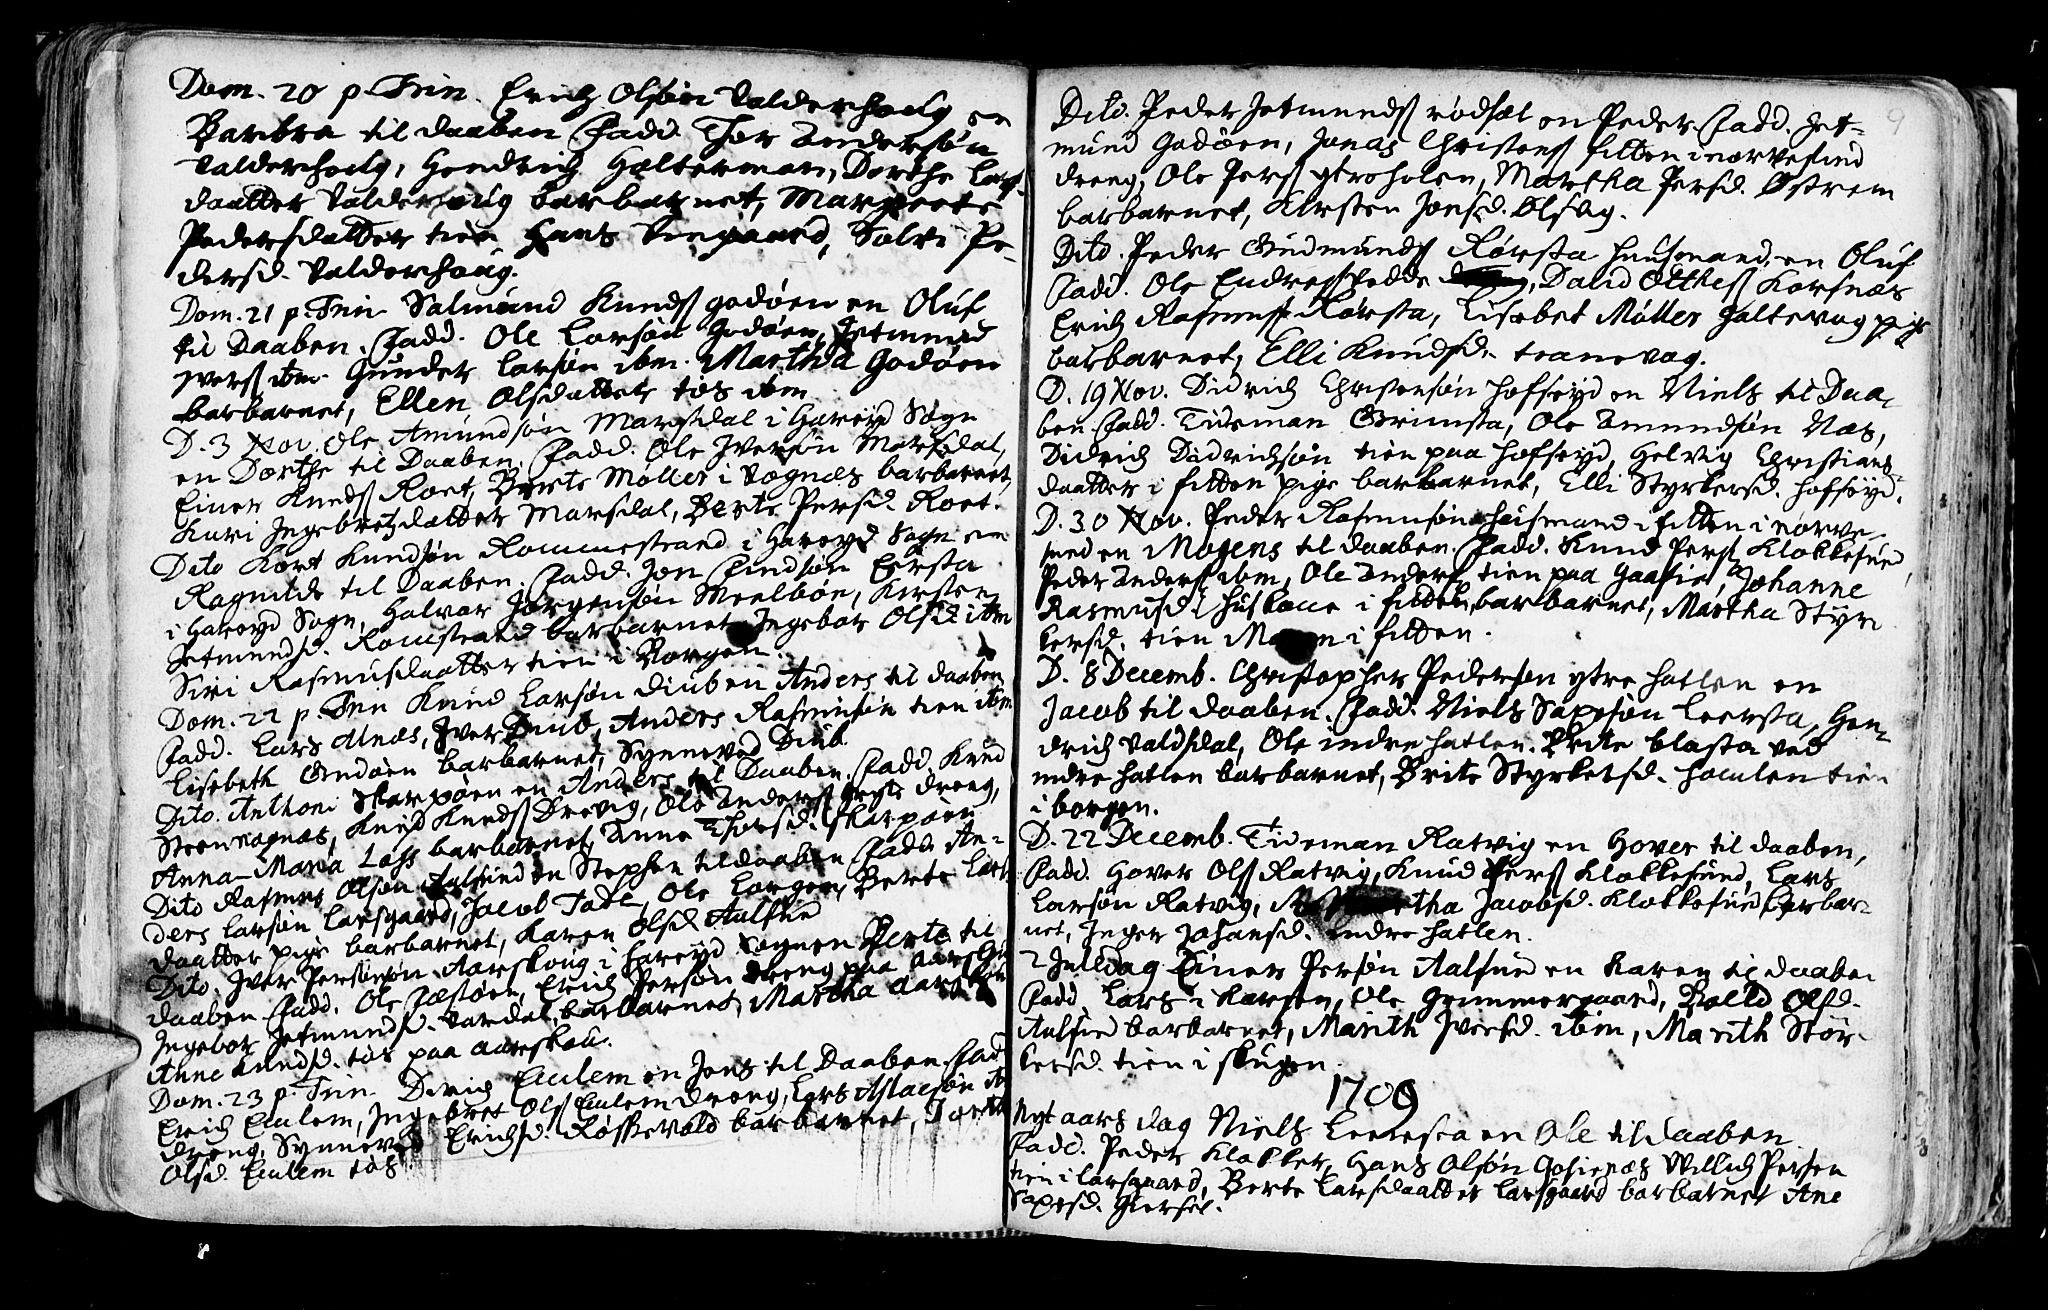 SAT, Ministerialprotokoller, klokkerbøker og fødselsregistre - Møre og Romsdal, 528/L0390: Ministerialbok nr. 528A01, 1698-1739, s. 208-209